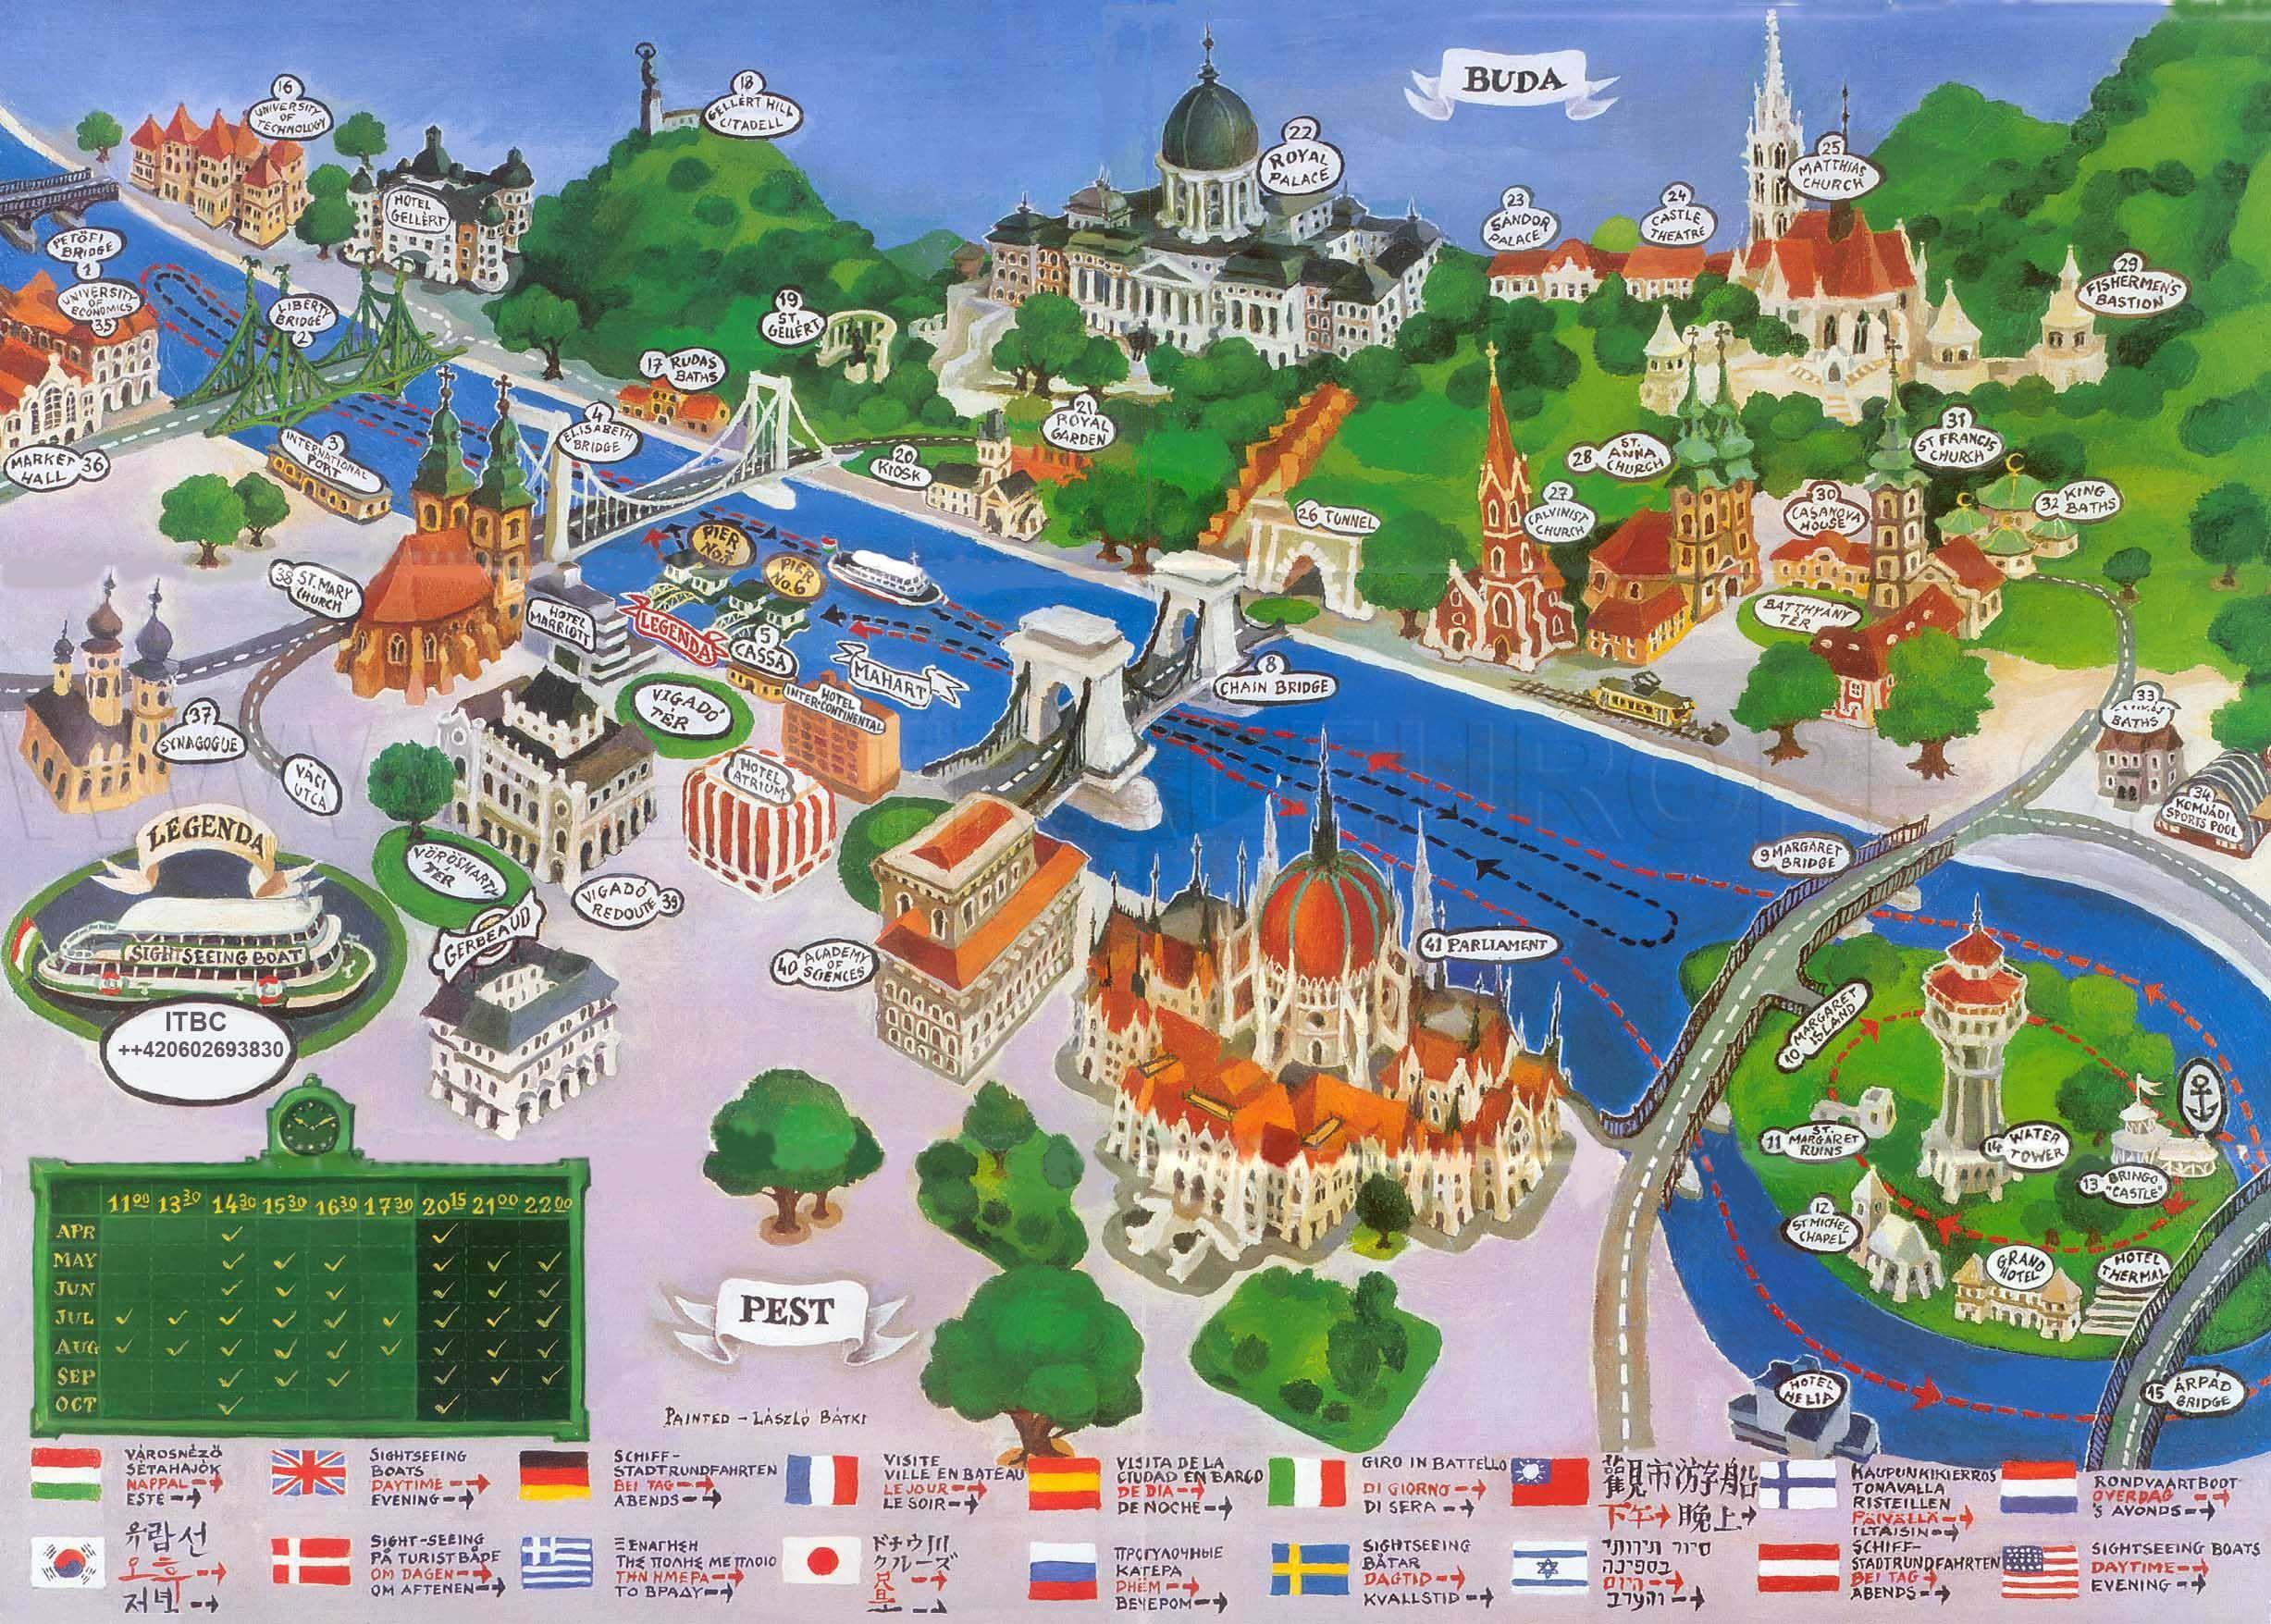 Budapest - Wikipedia